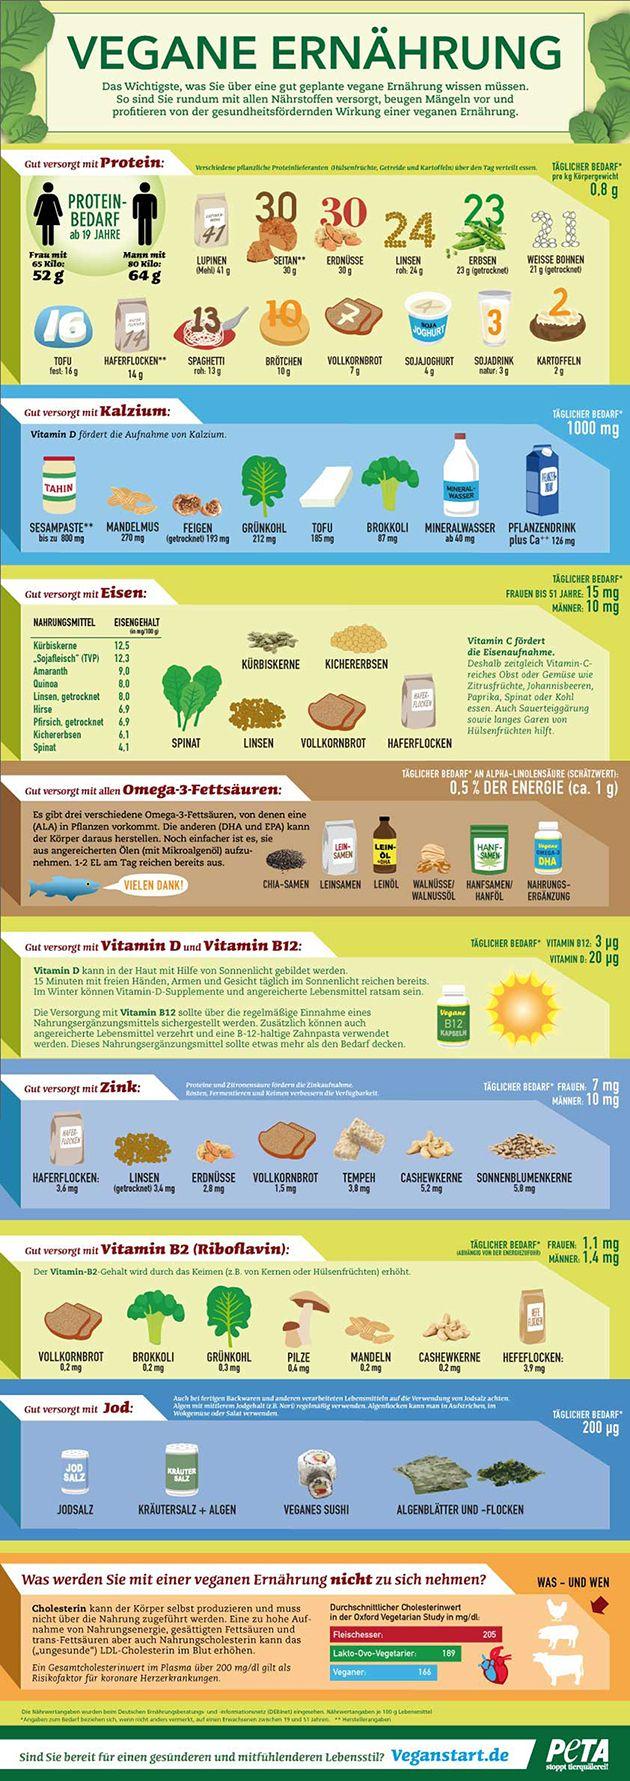 Vegane Ernährung – Die wichtigsten Nährstoffe auf einen Blick #vegetarischeernährung